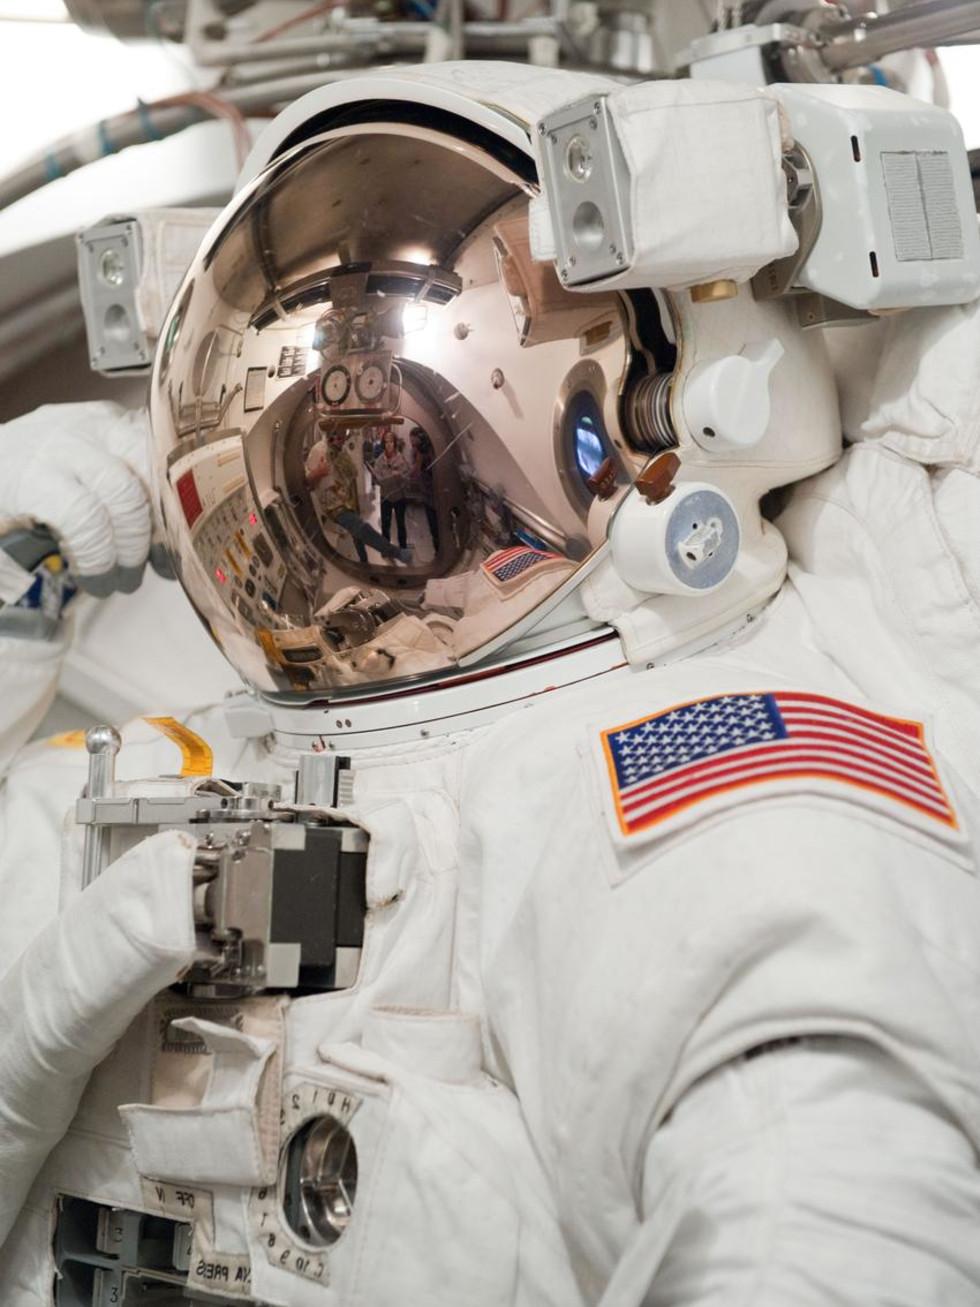 Astronaut suit helmet